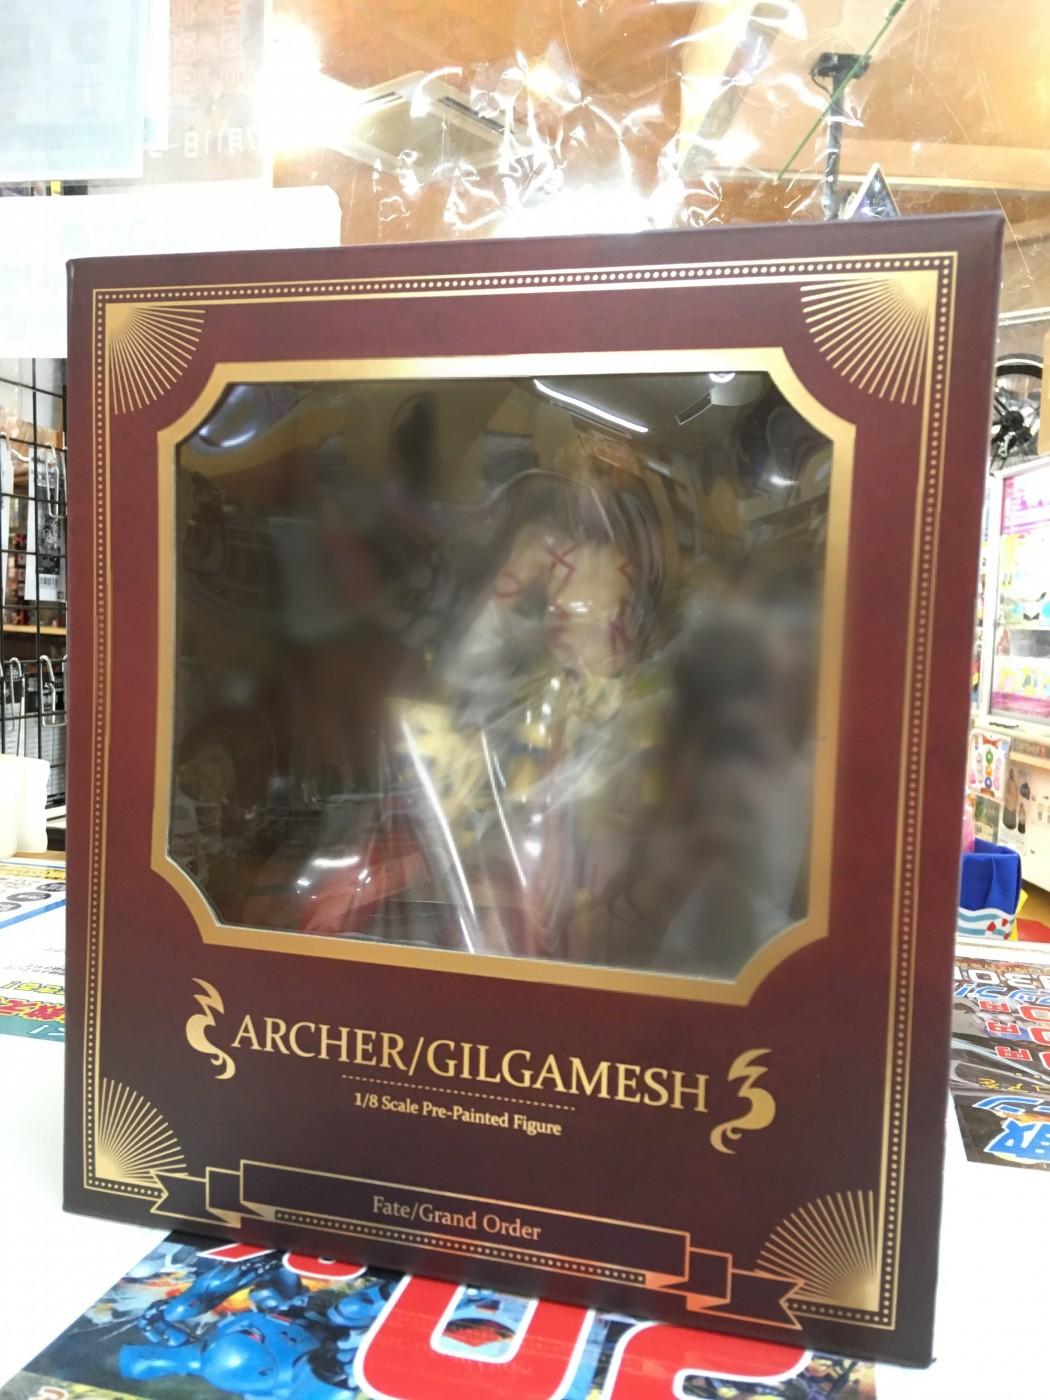 買取情報『Myethosの「Fate/Grand Order」アーチャー/ギルガメッシュ』